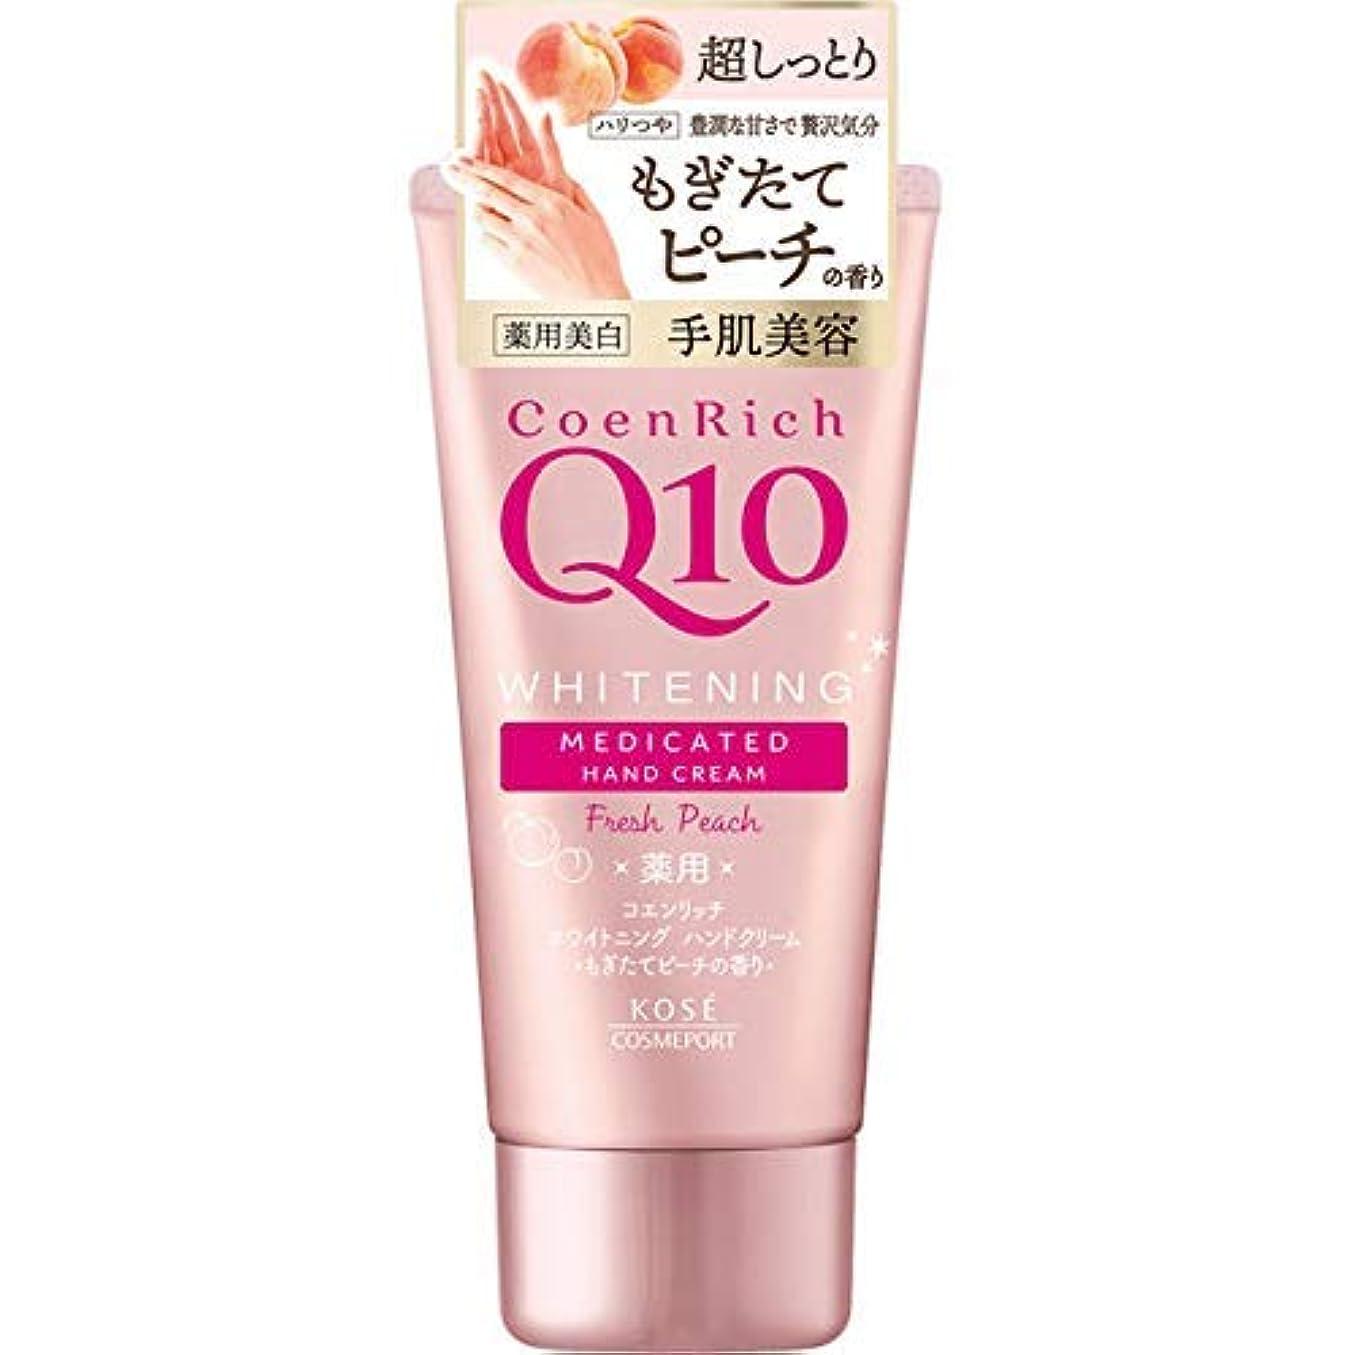 音自治セブン【2個セット】薬用ホワイトニング ハンドクリーム もぎたてピーチの香り 80g